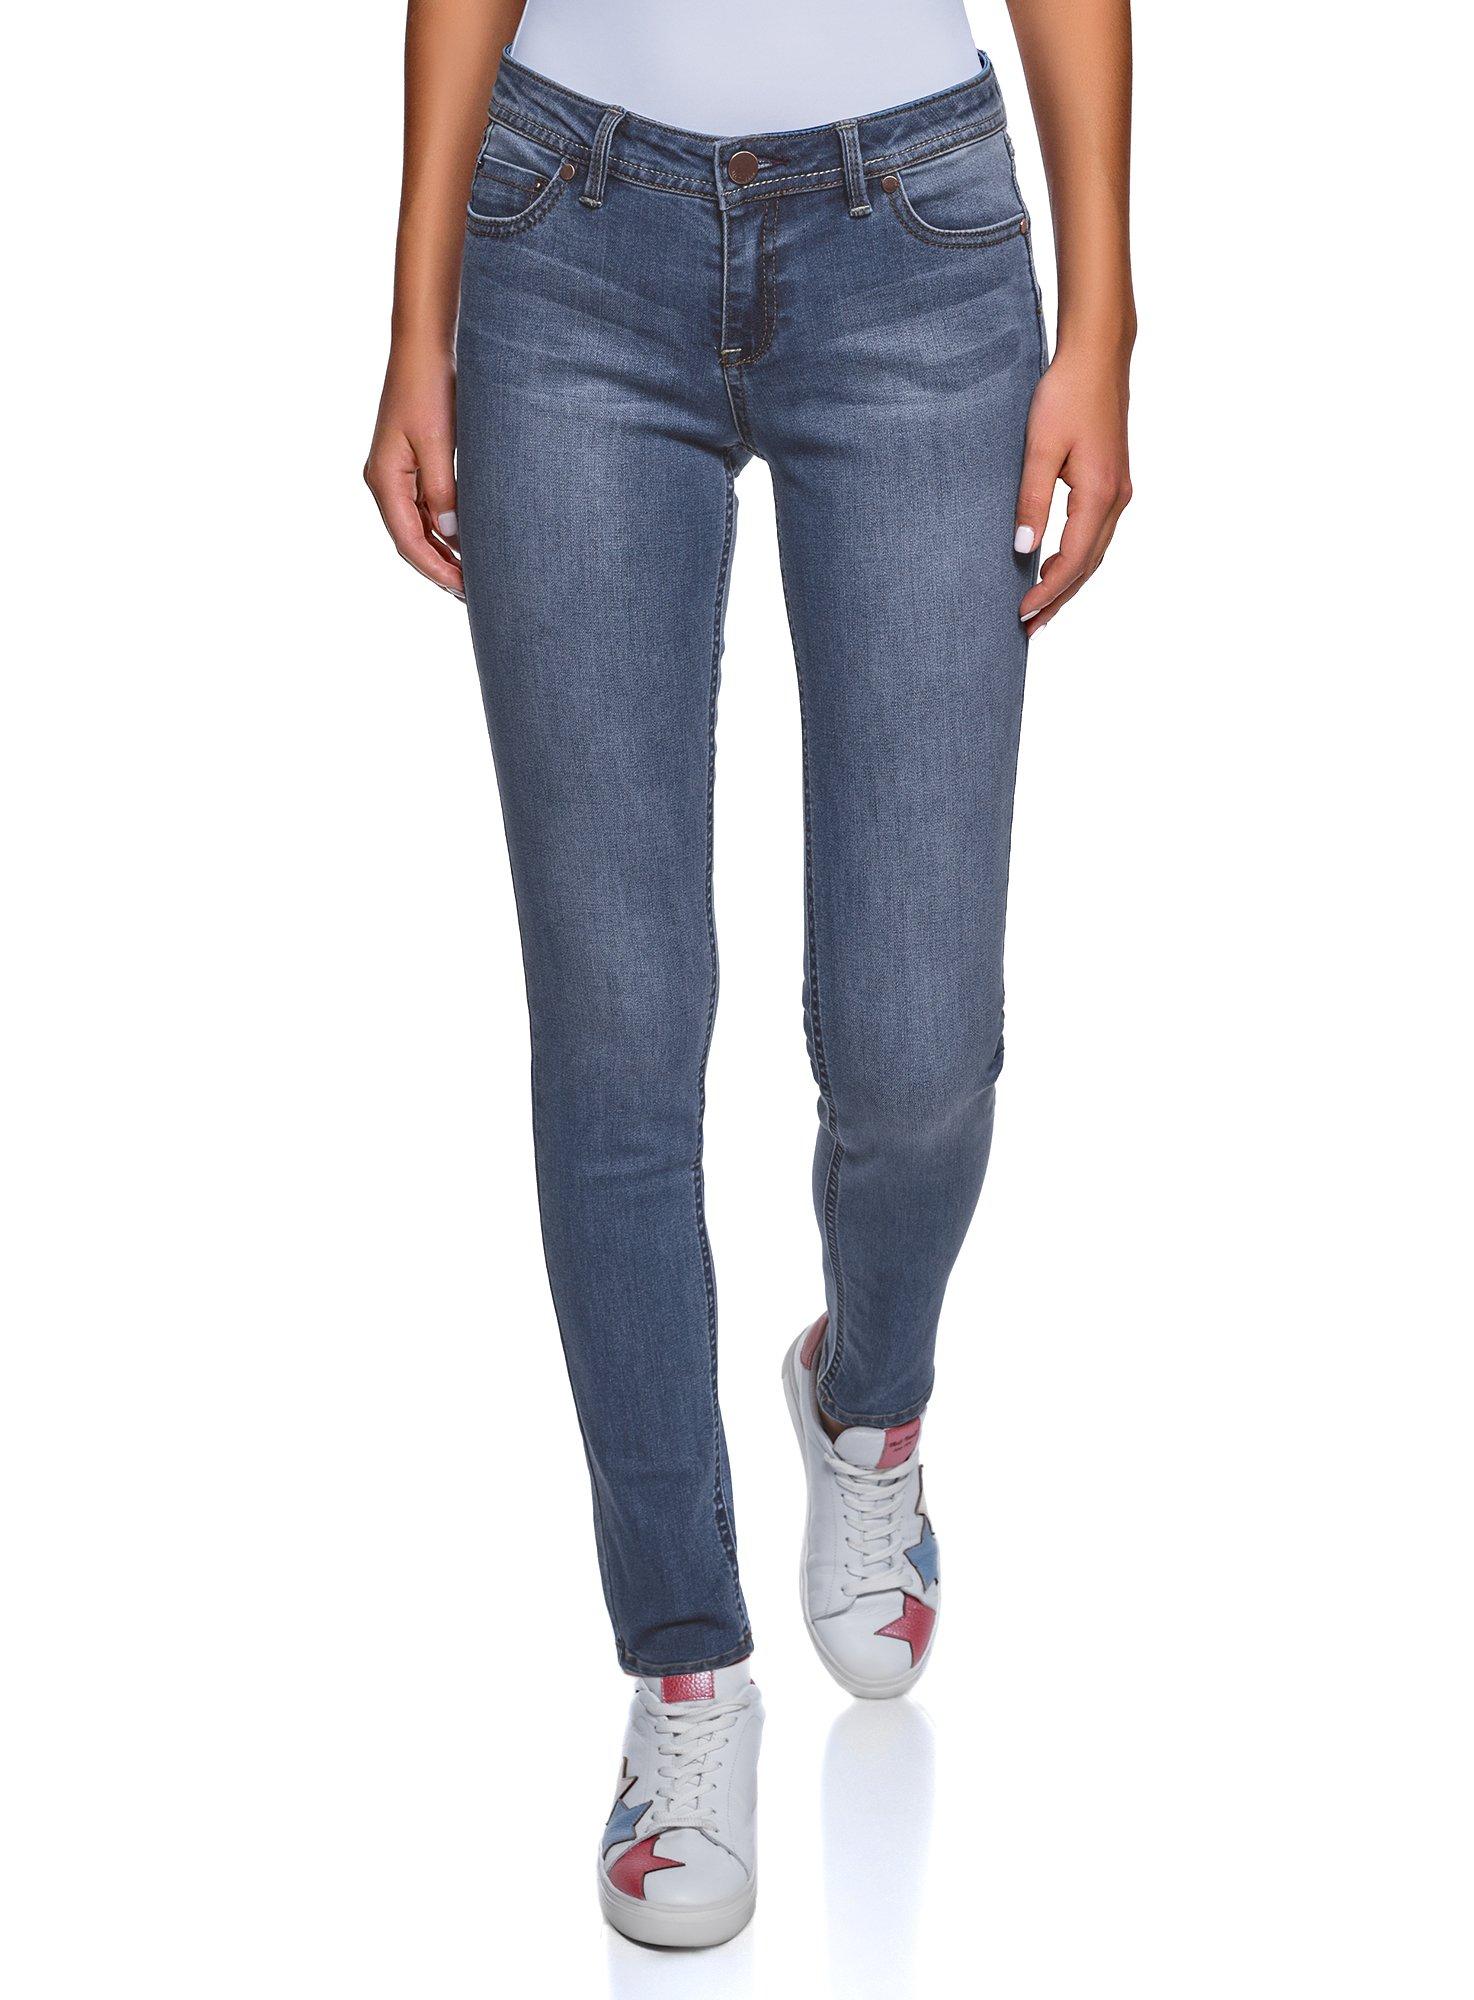 oodji Ultra Women's Skinny Push-Up Jeans, Blue, 29W / 32L (US 8 / EU 42 / L)